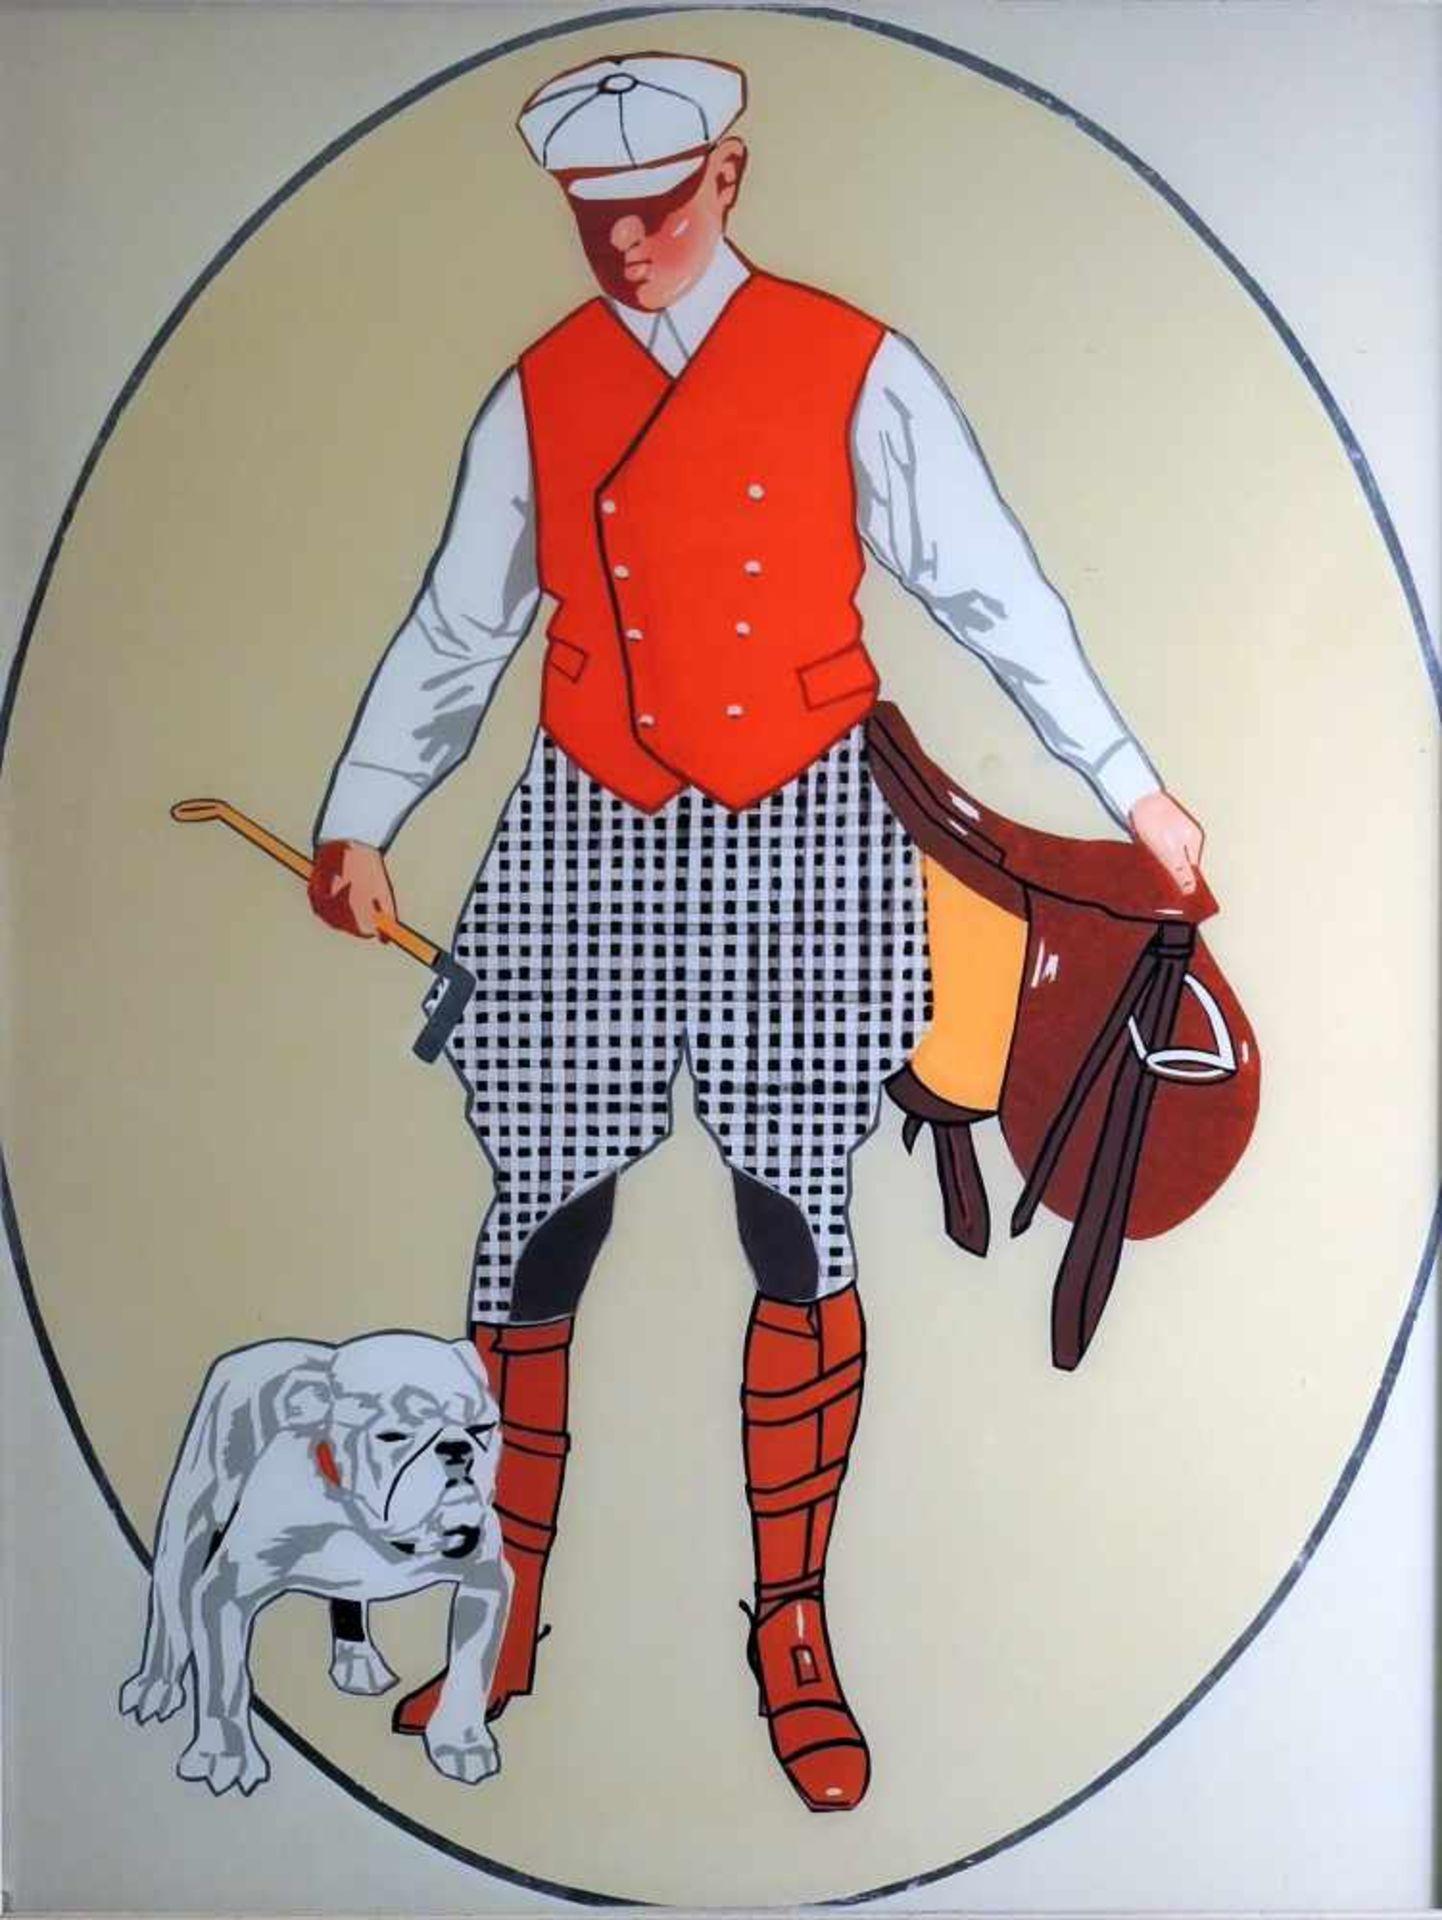 Jockey mit Hund nach Ludwig Hohlwein Acryl hinter Glas. Mit Schablonen erzeugtes (Werbe-) Motiv